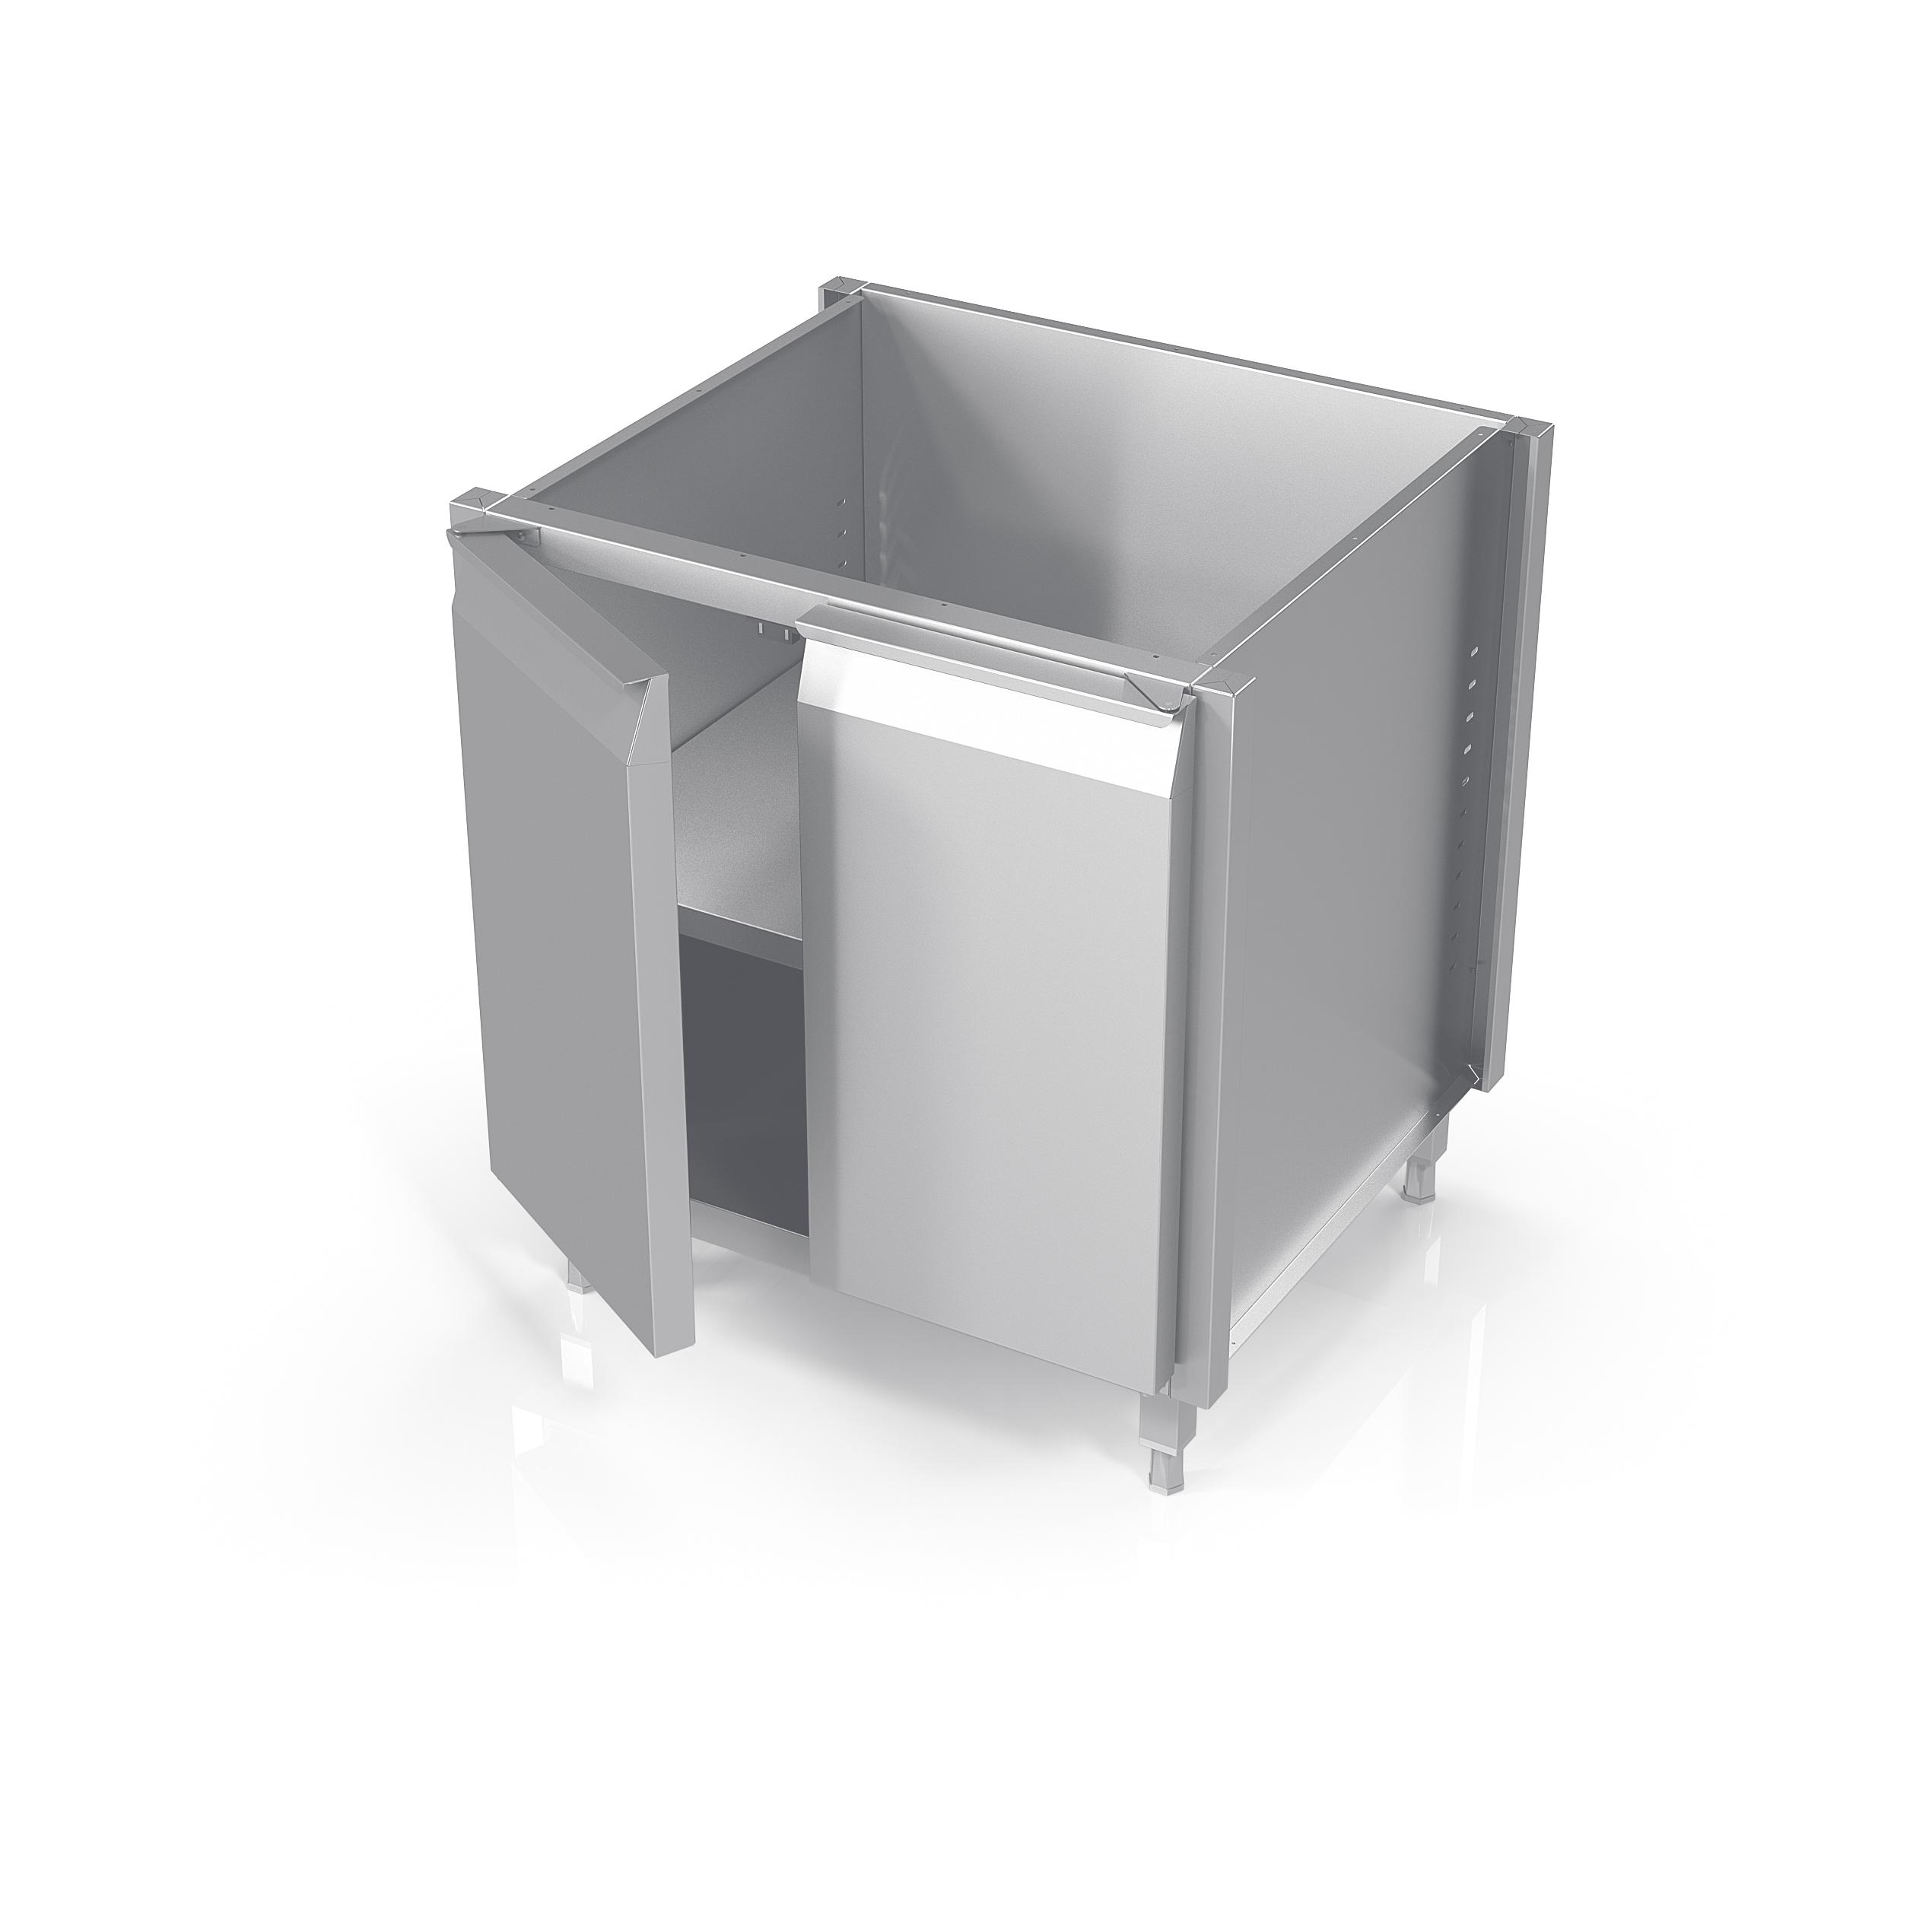 Module With Adjustable Shelf and Shutting Doors  sc 1 st  Novameta & Module with Adjustable Shelf and Shutting Door